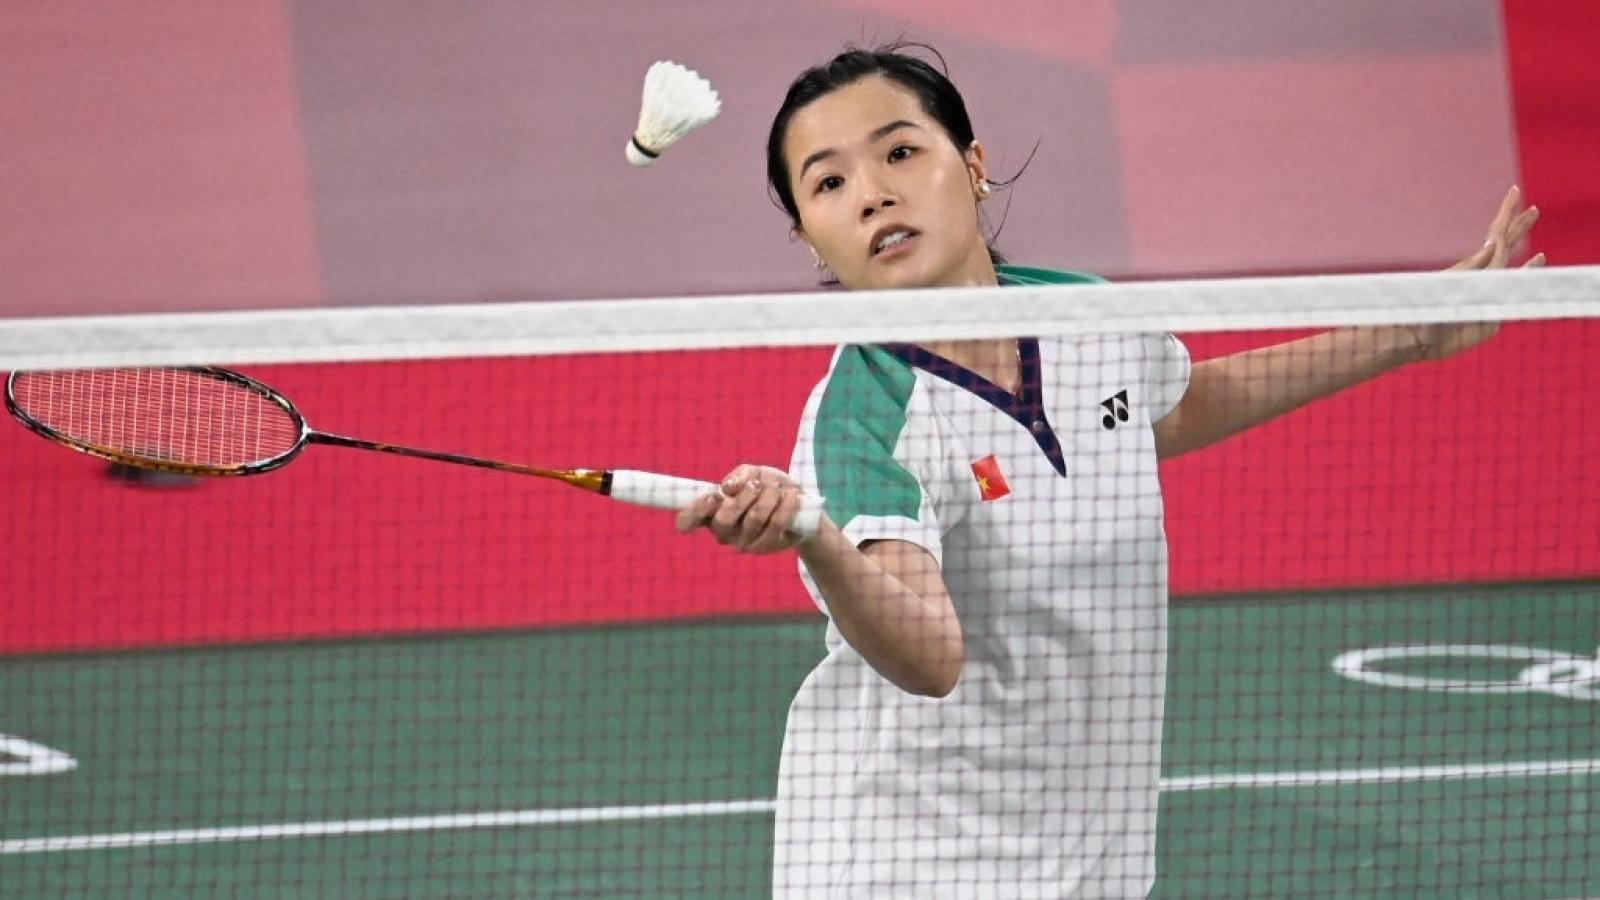 """Trực tiếp thể thao Việt Nam ở Olympic Tokyo ngày 24/7: Thùy Linh """"mở hàng"""" may mắn"""